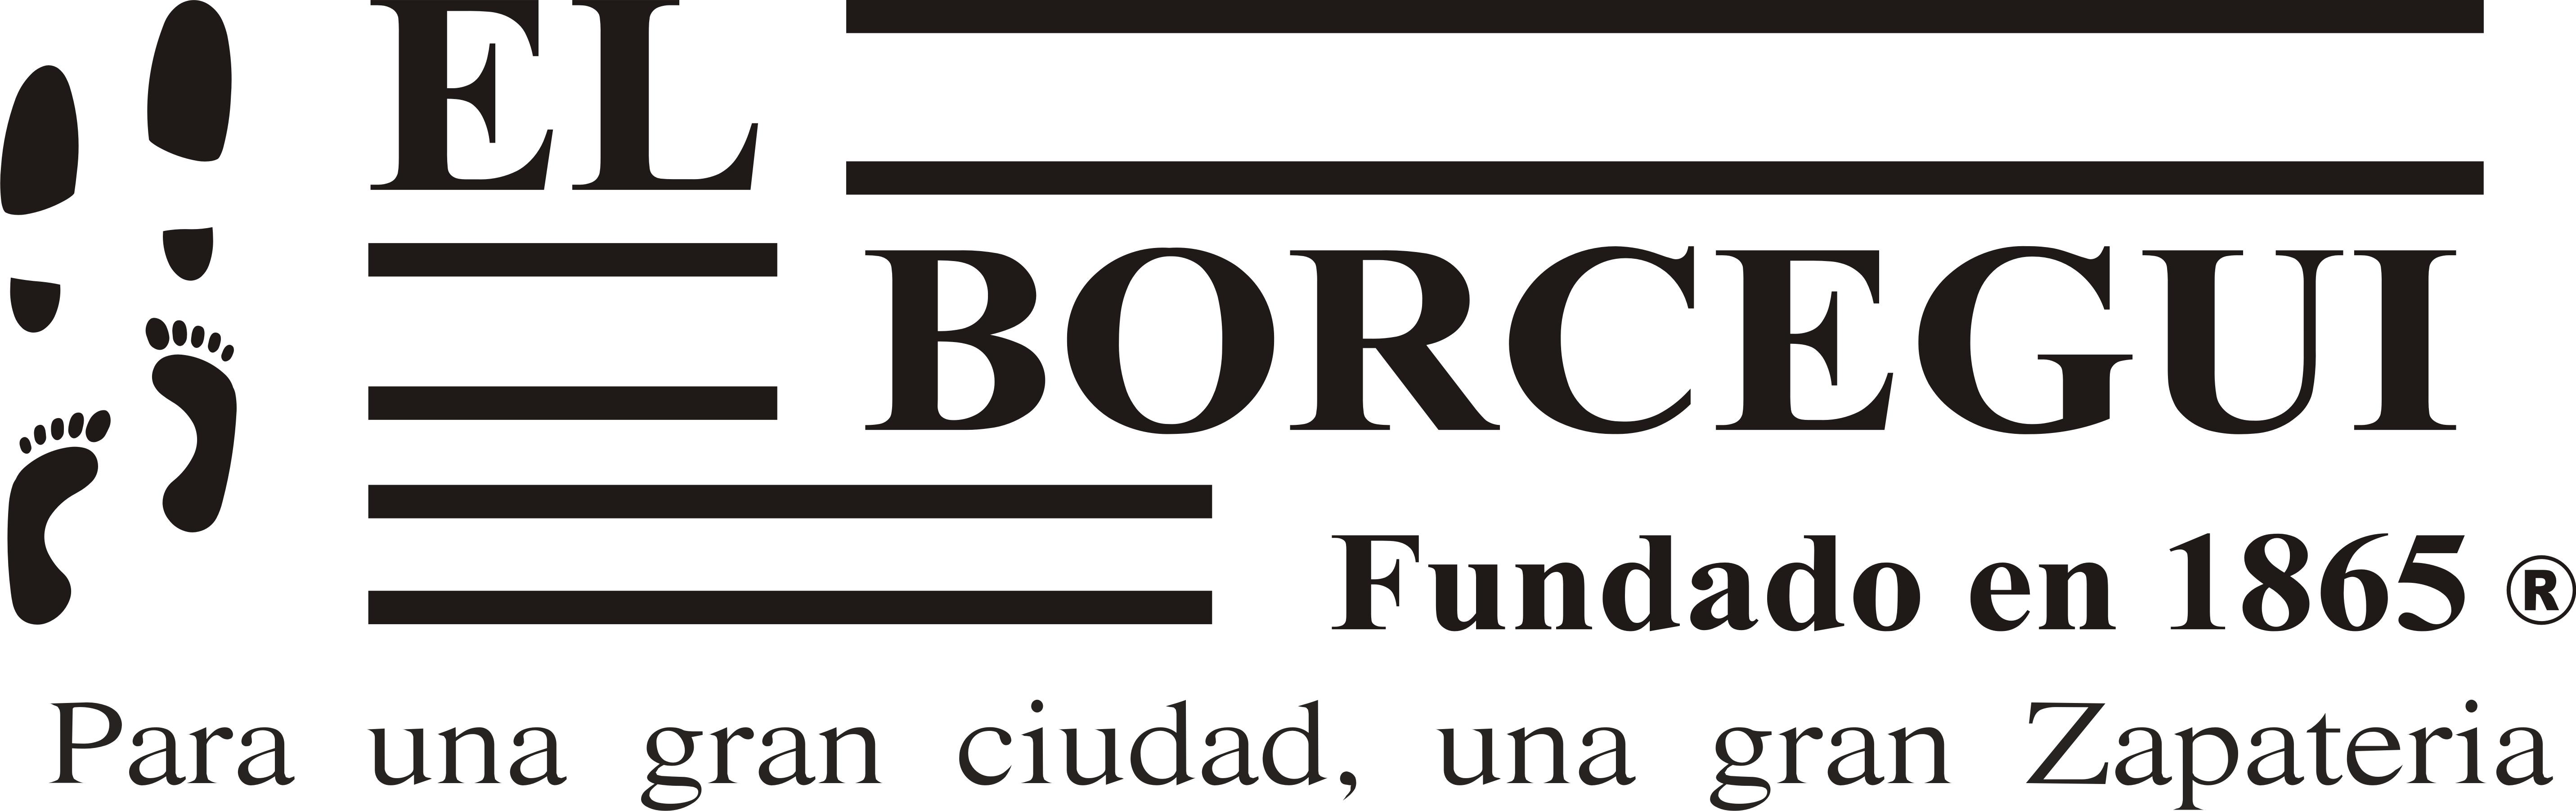 El Borcegui